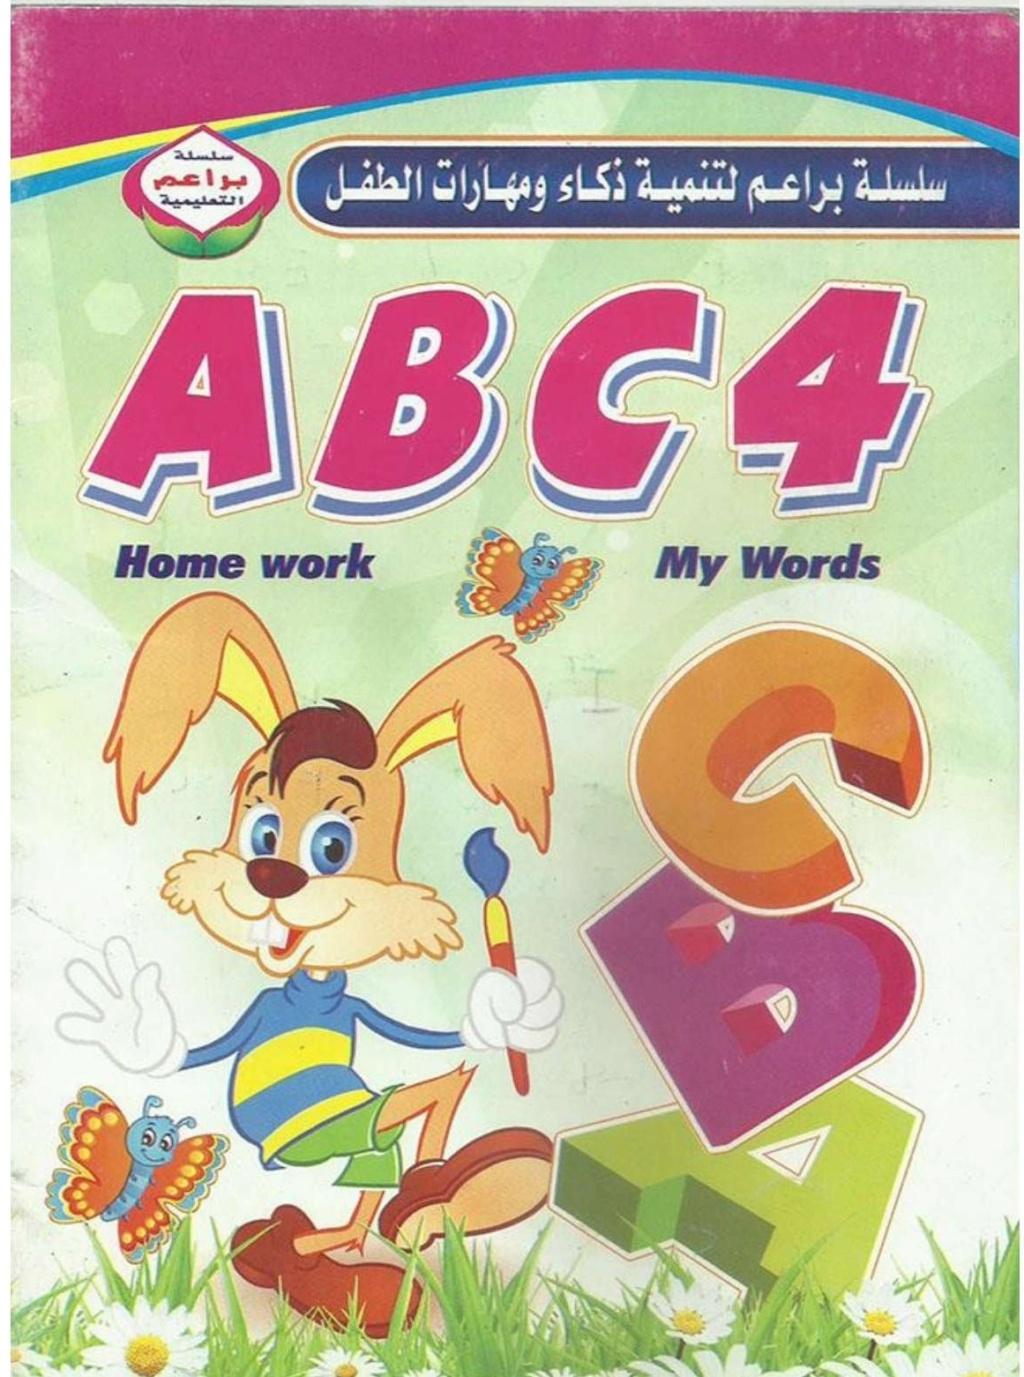 كتاب براعم لتنمية ذكاء ومهارات الطفل فى اللغه الإنجليزيه 12508